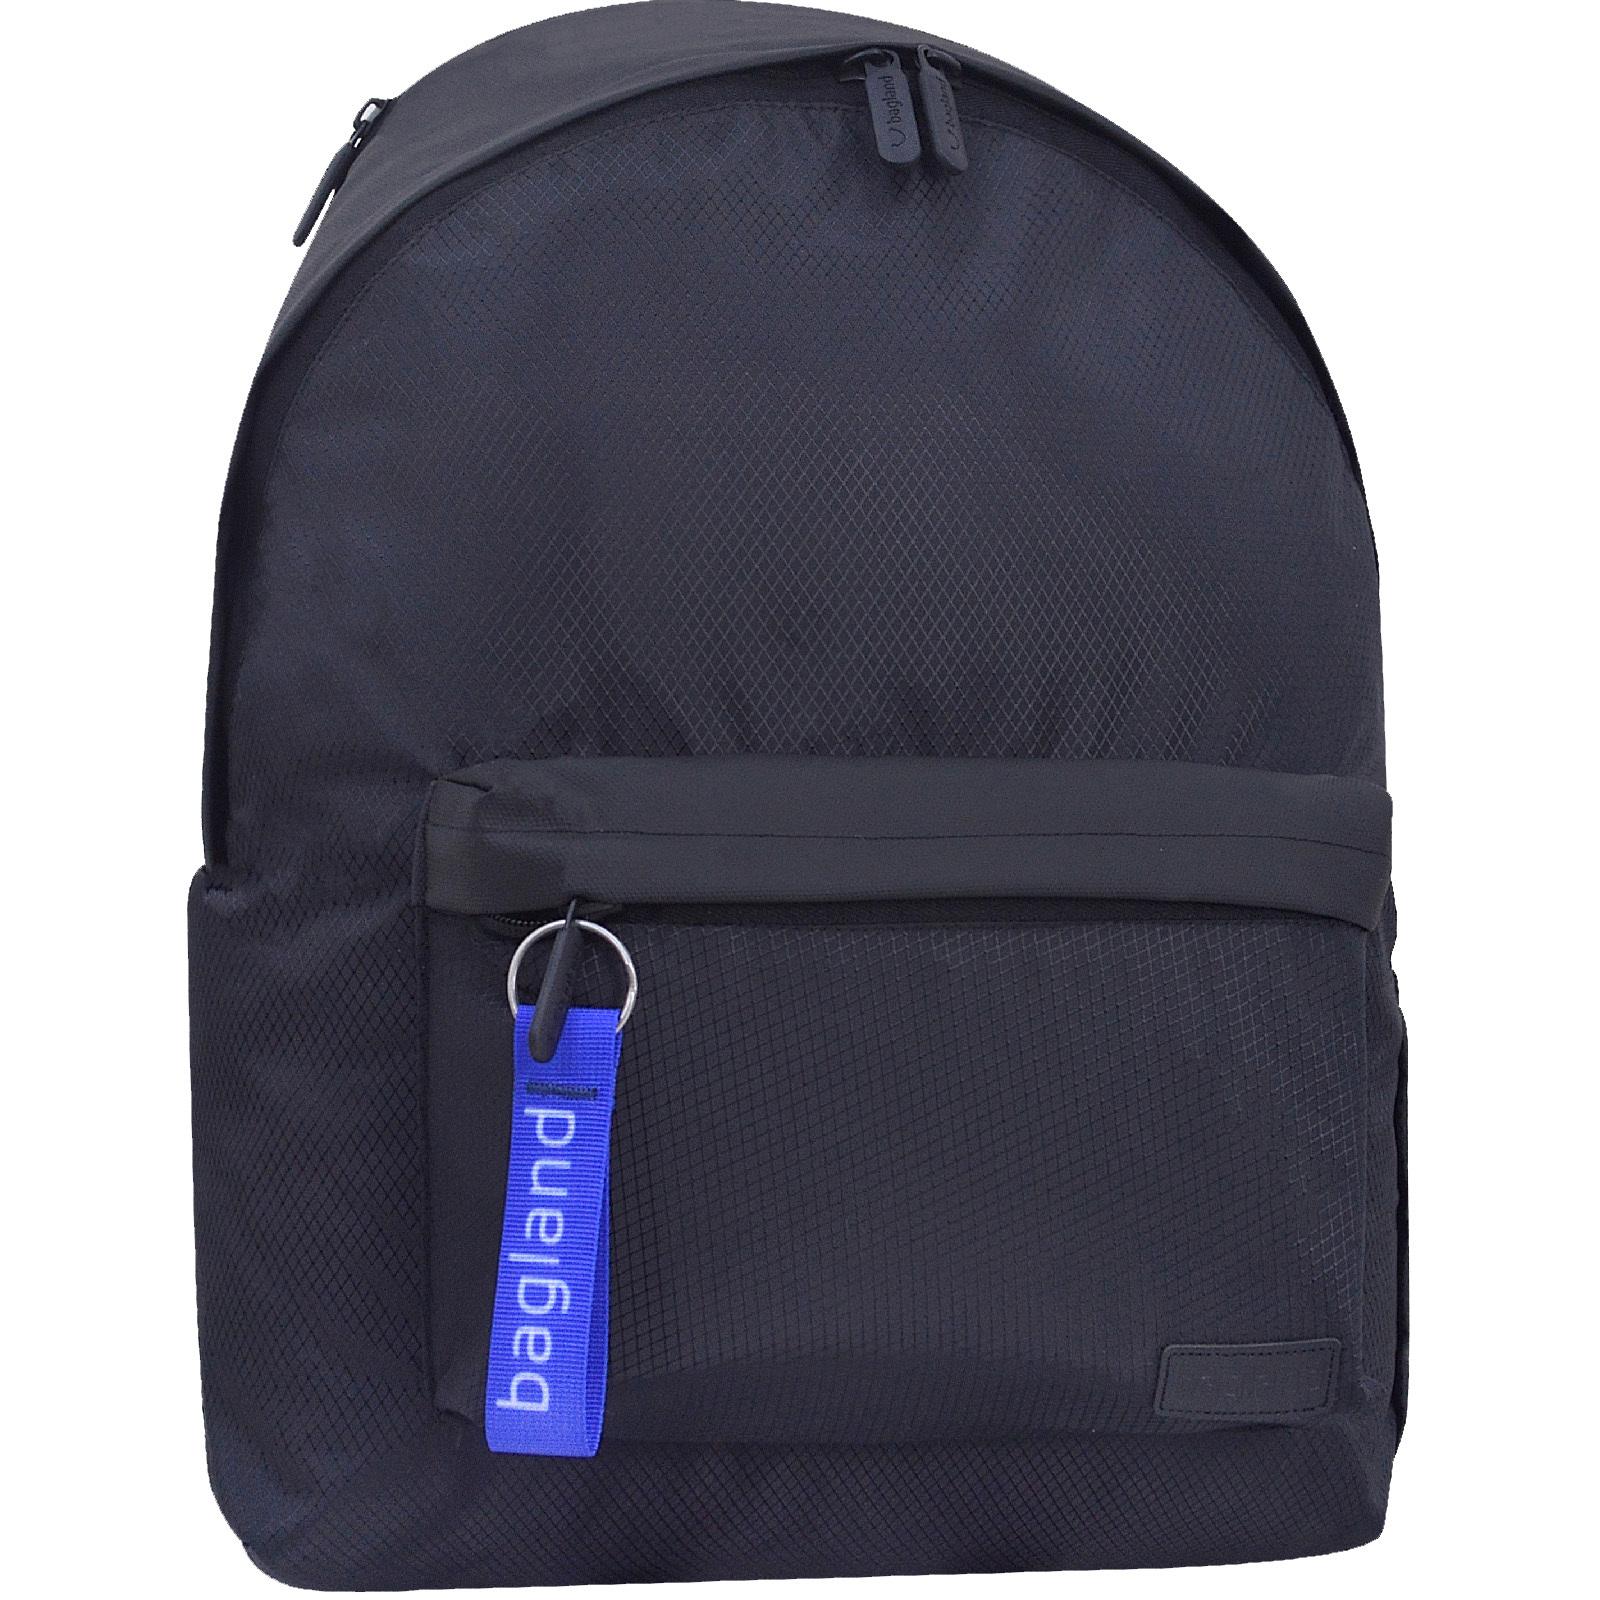 Городские рюкзаки Рюкзак Bagland Anton 24 л. Чёрный (0051833) DSC_1356.jpg